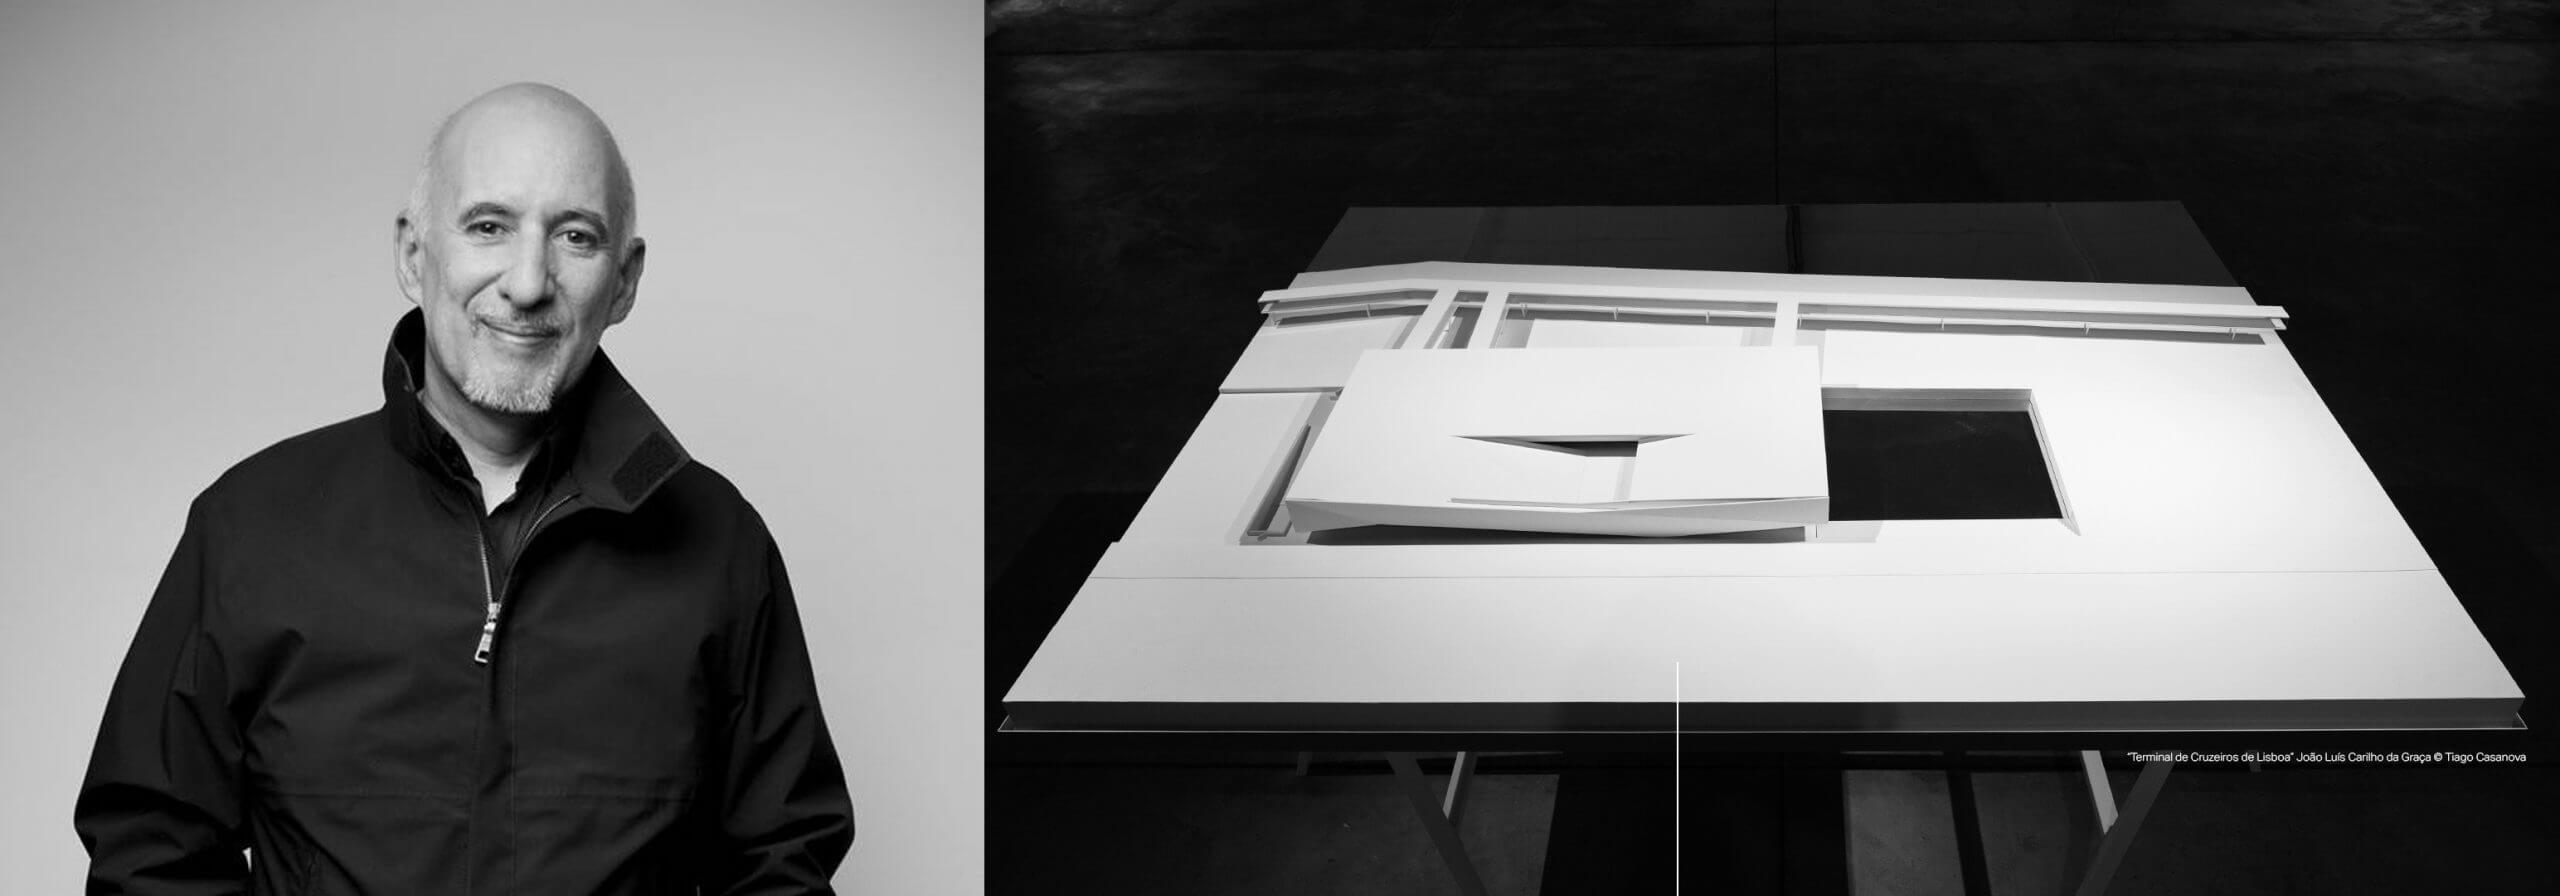 Arquiteto Carrilho da Graça incorpora acervo de mais de 40 anos de trabalho na Casa da Arquitectura